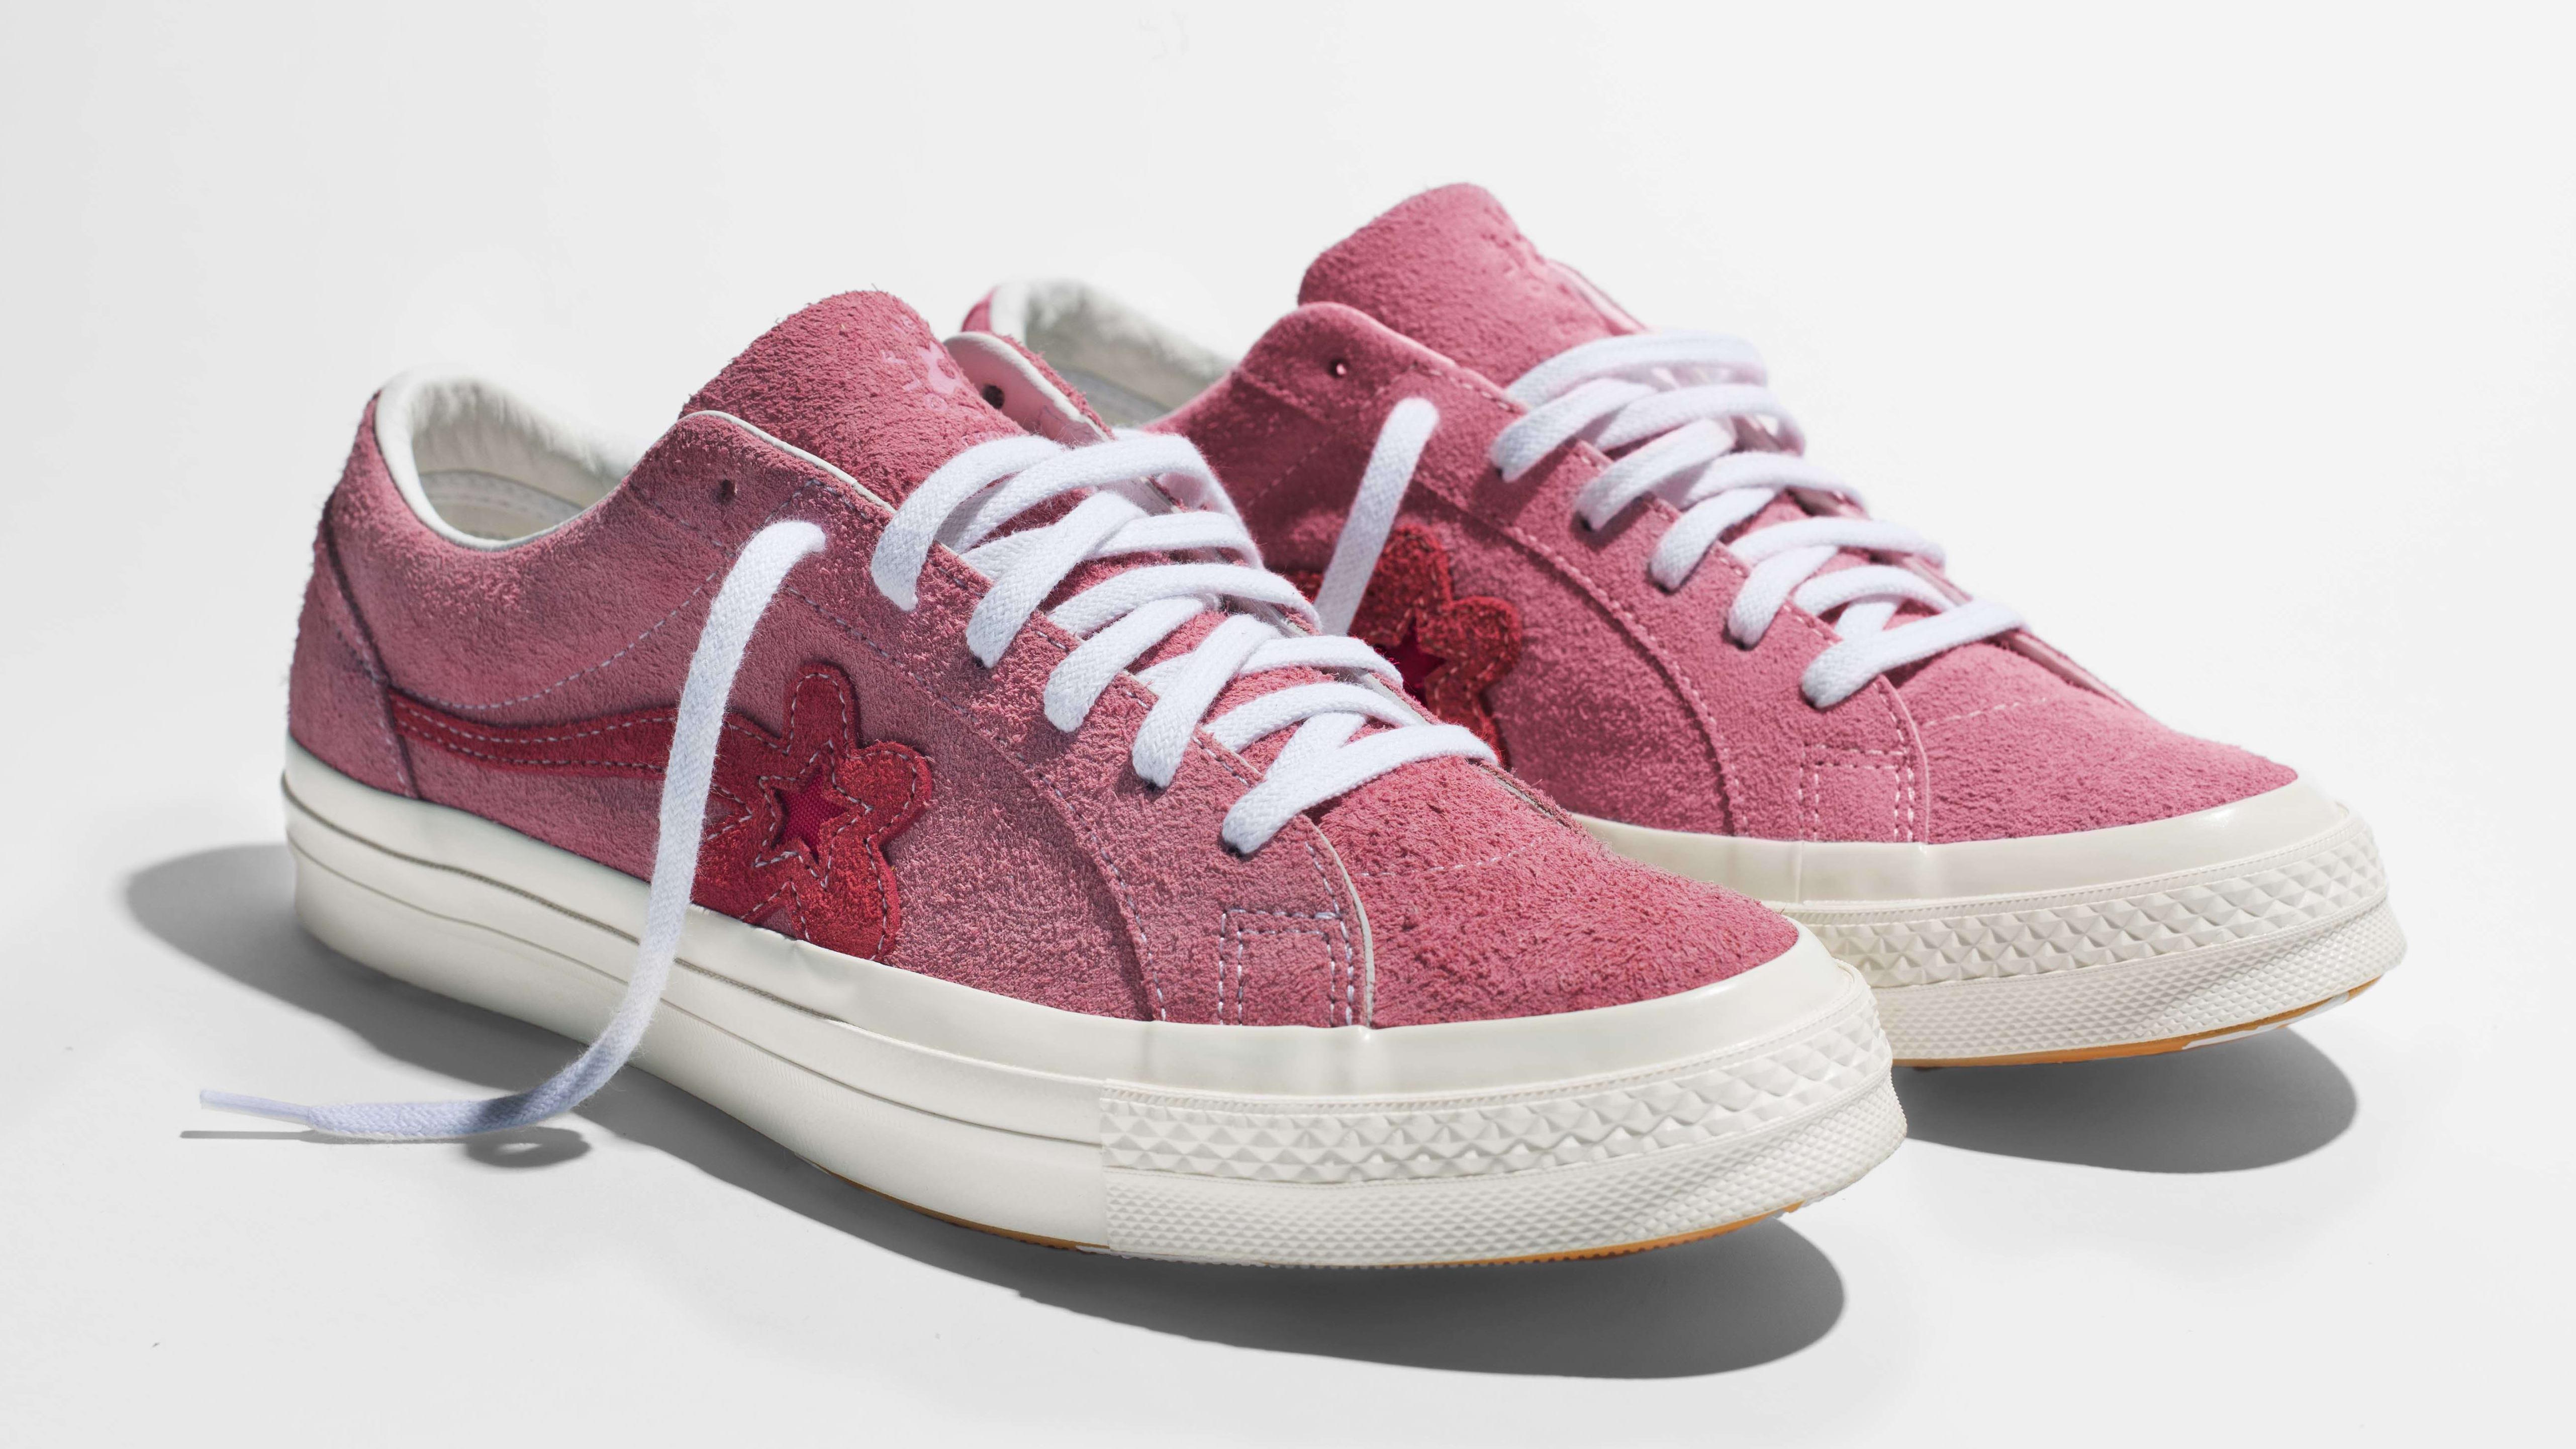 Golf Le Fleur Shoes Release Date